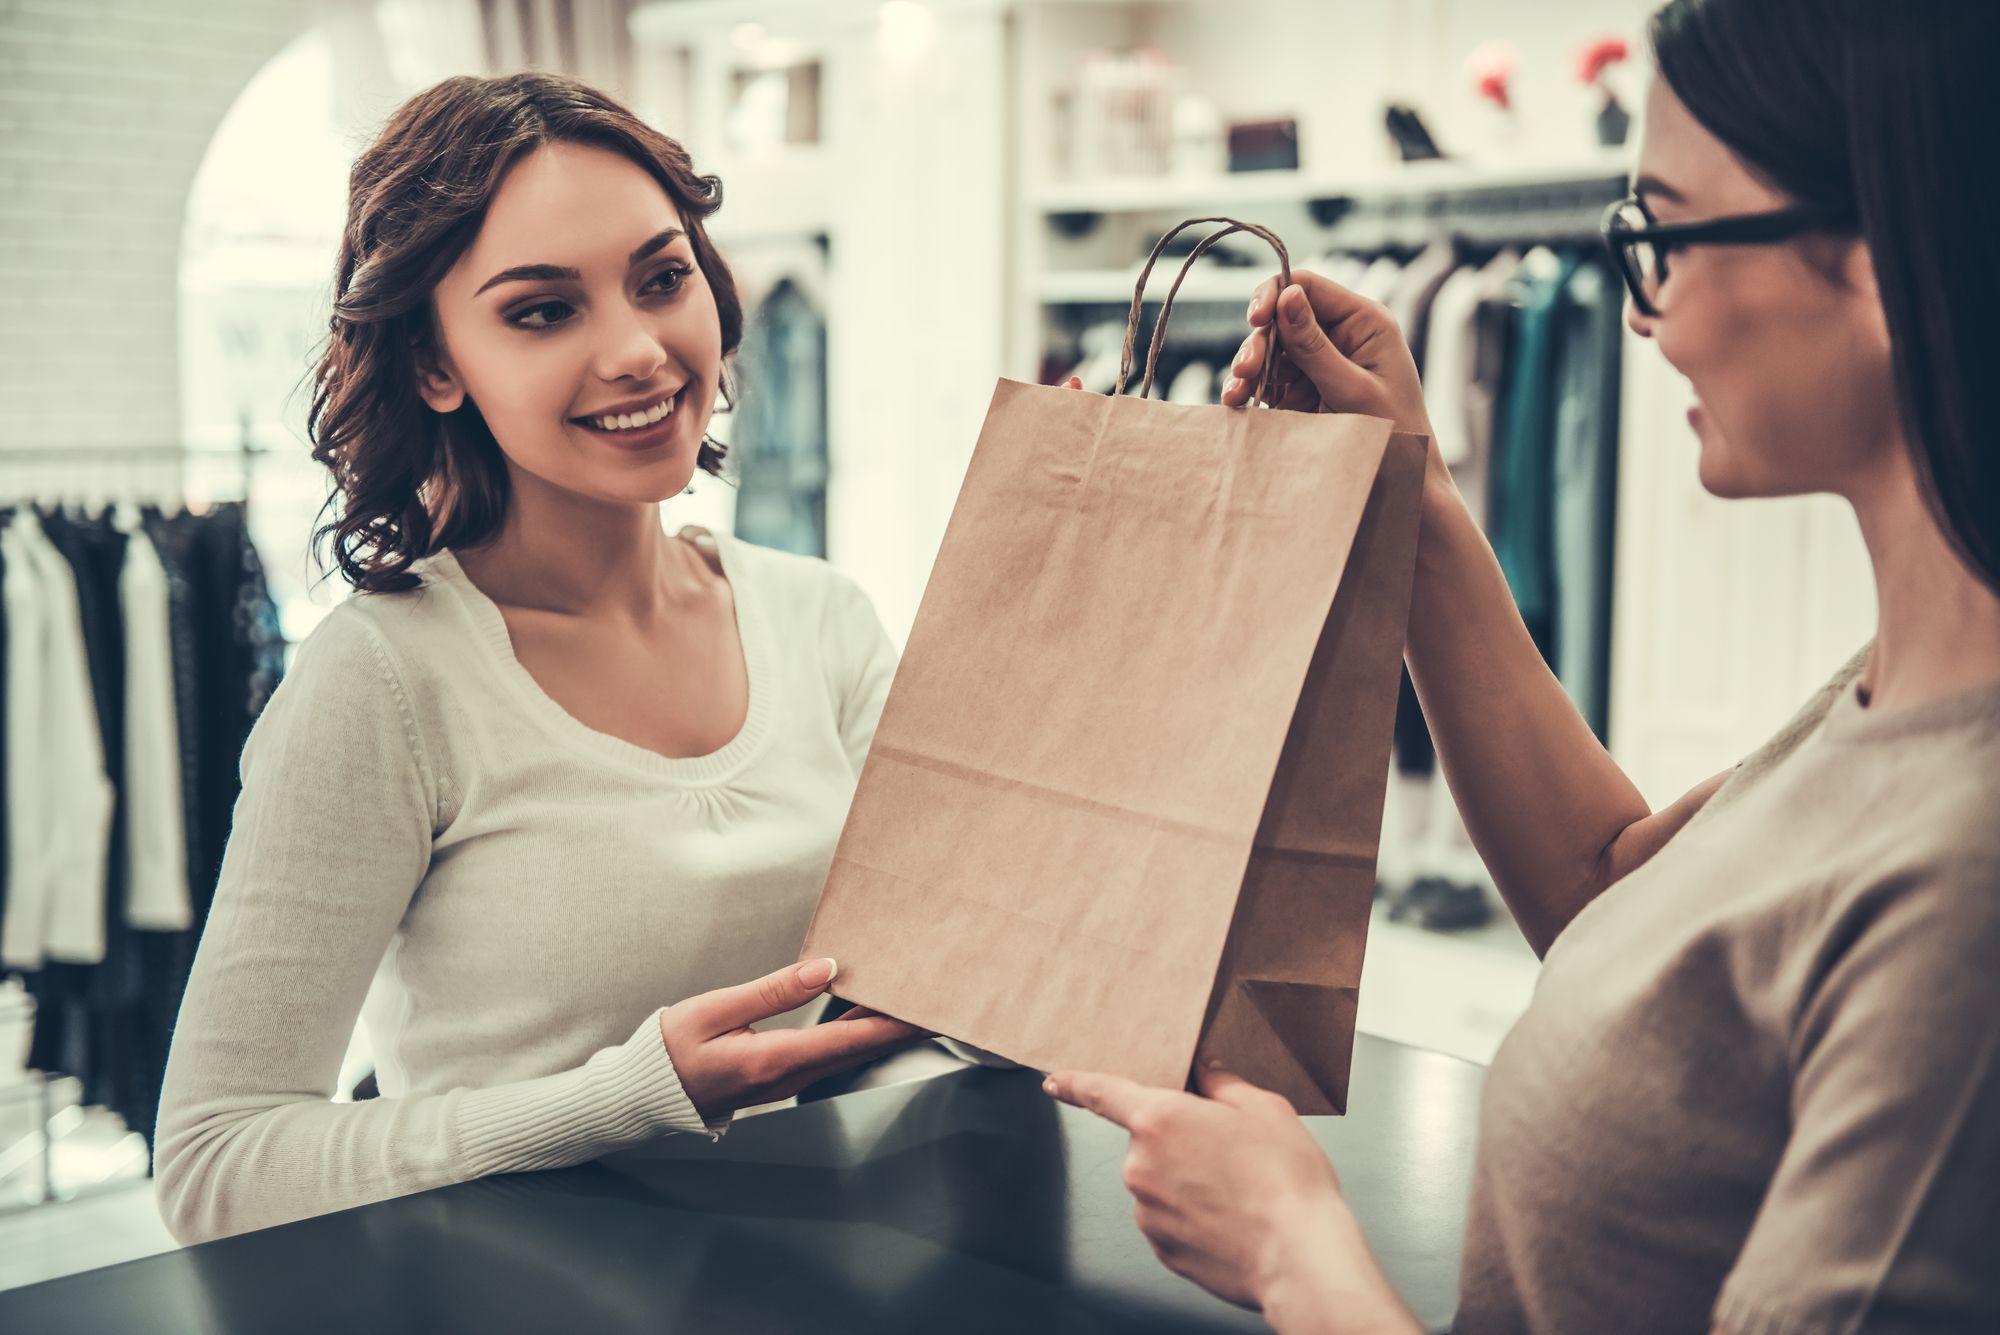 O que é customer experience (CX) e como usá-lo para reter mais clientes?